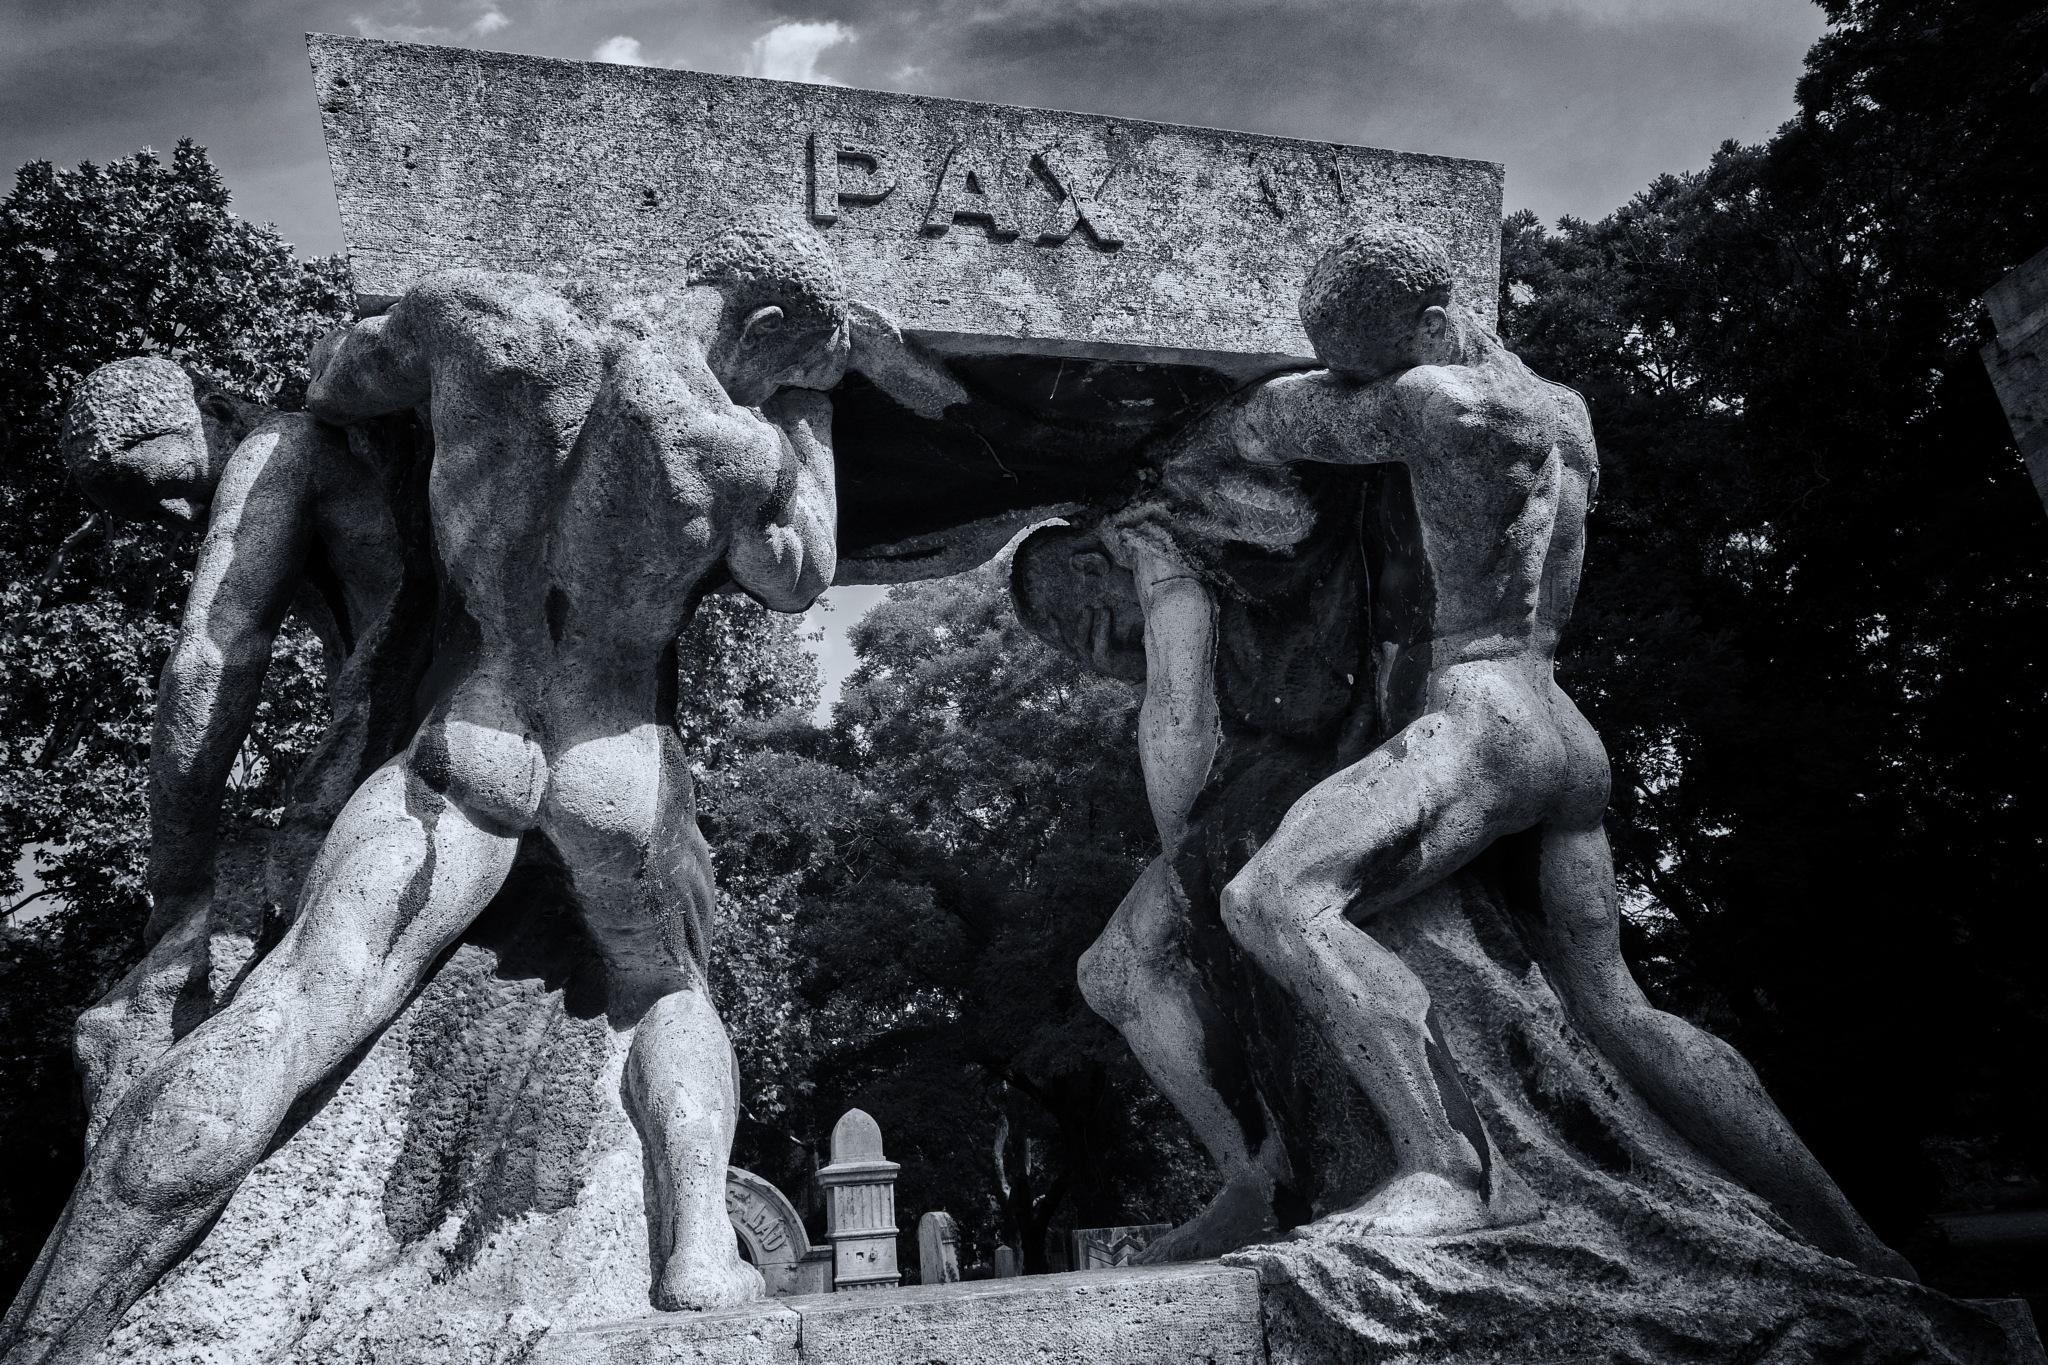 Pax by Attila Postas